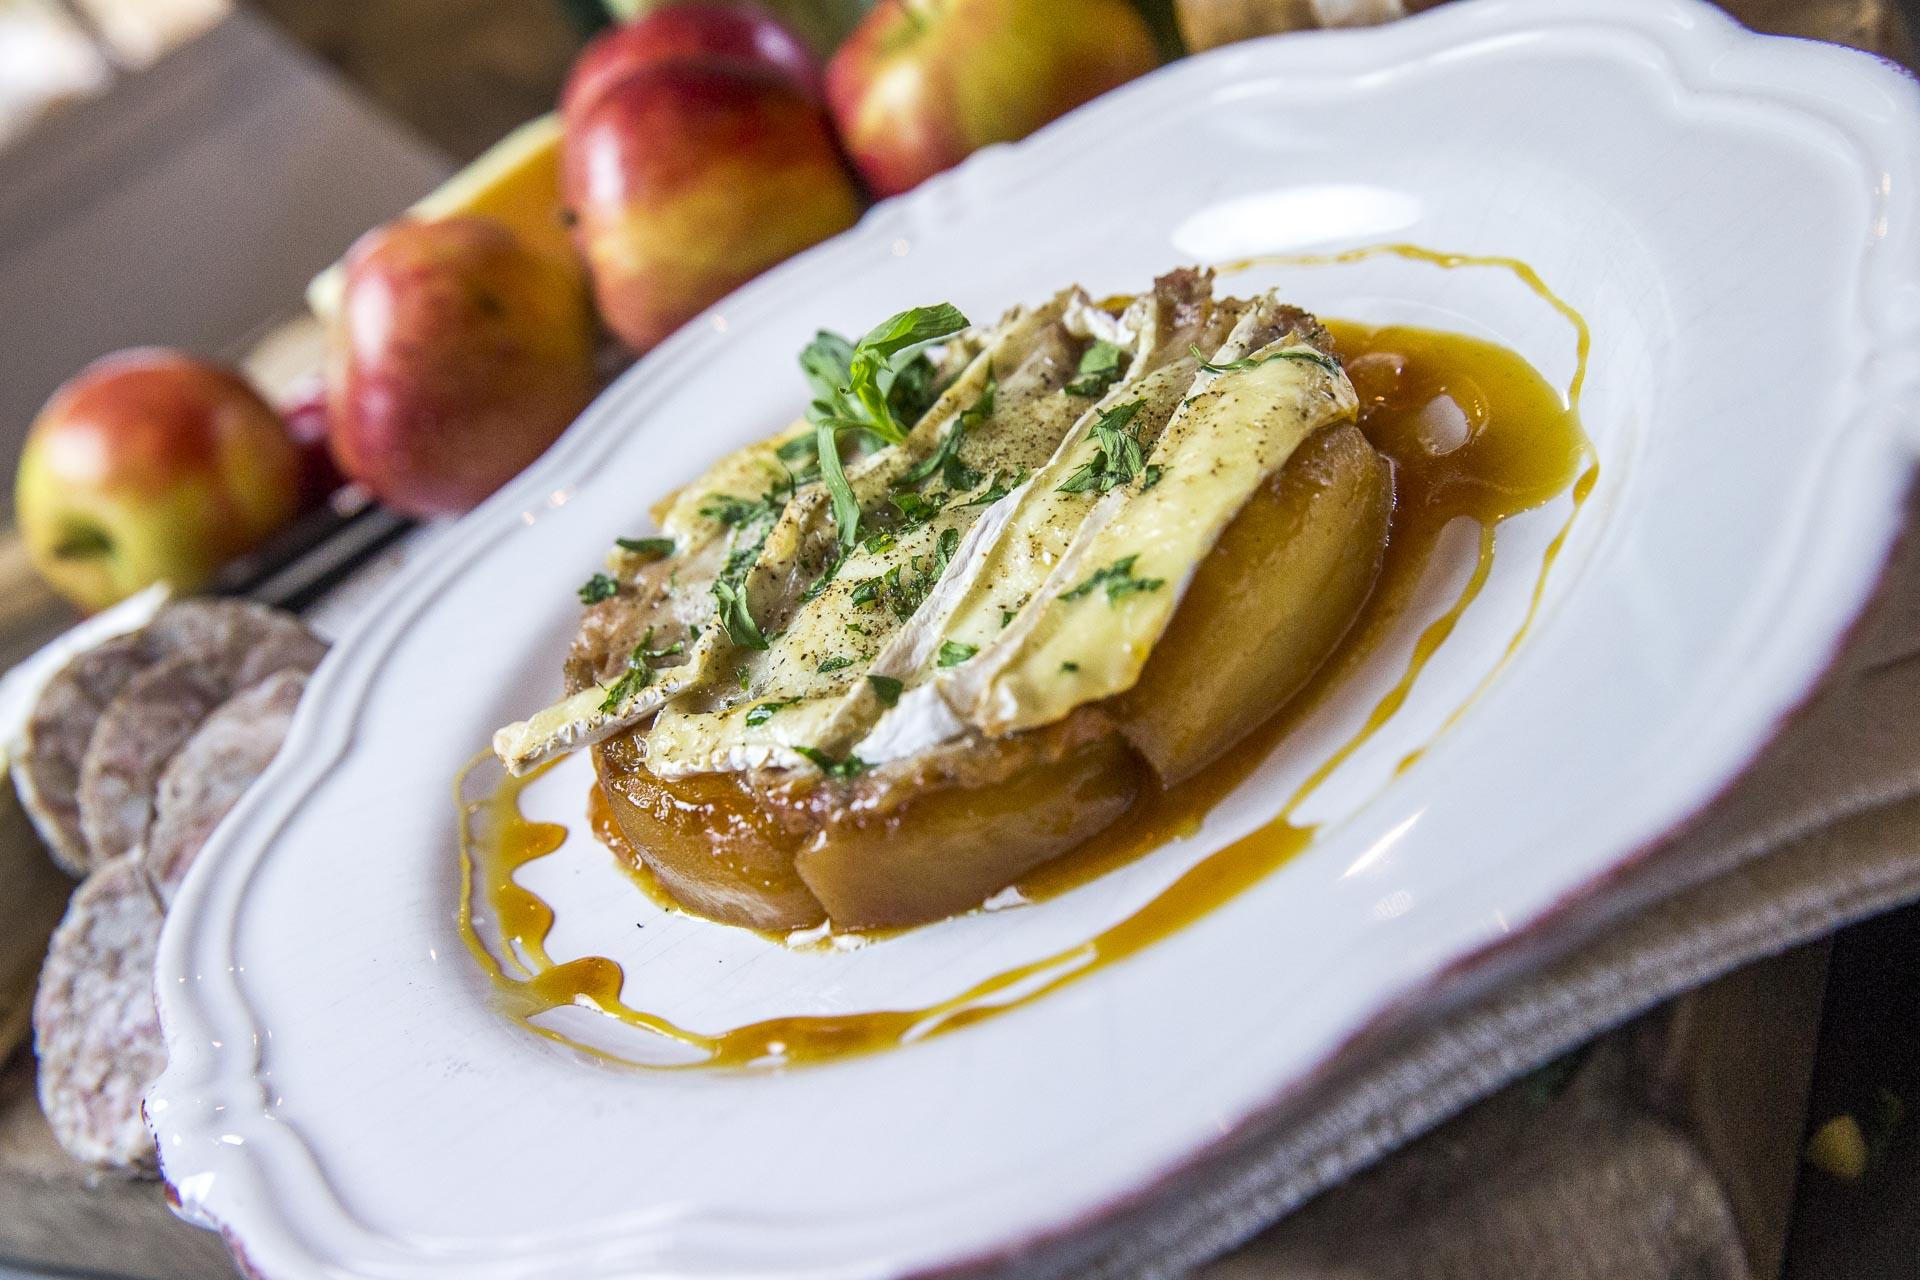 Tatin de pommes caramélisées©stephaneleroy-E61R4234.jpg